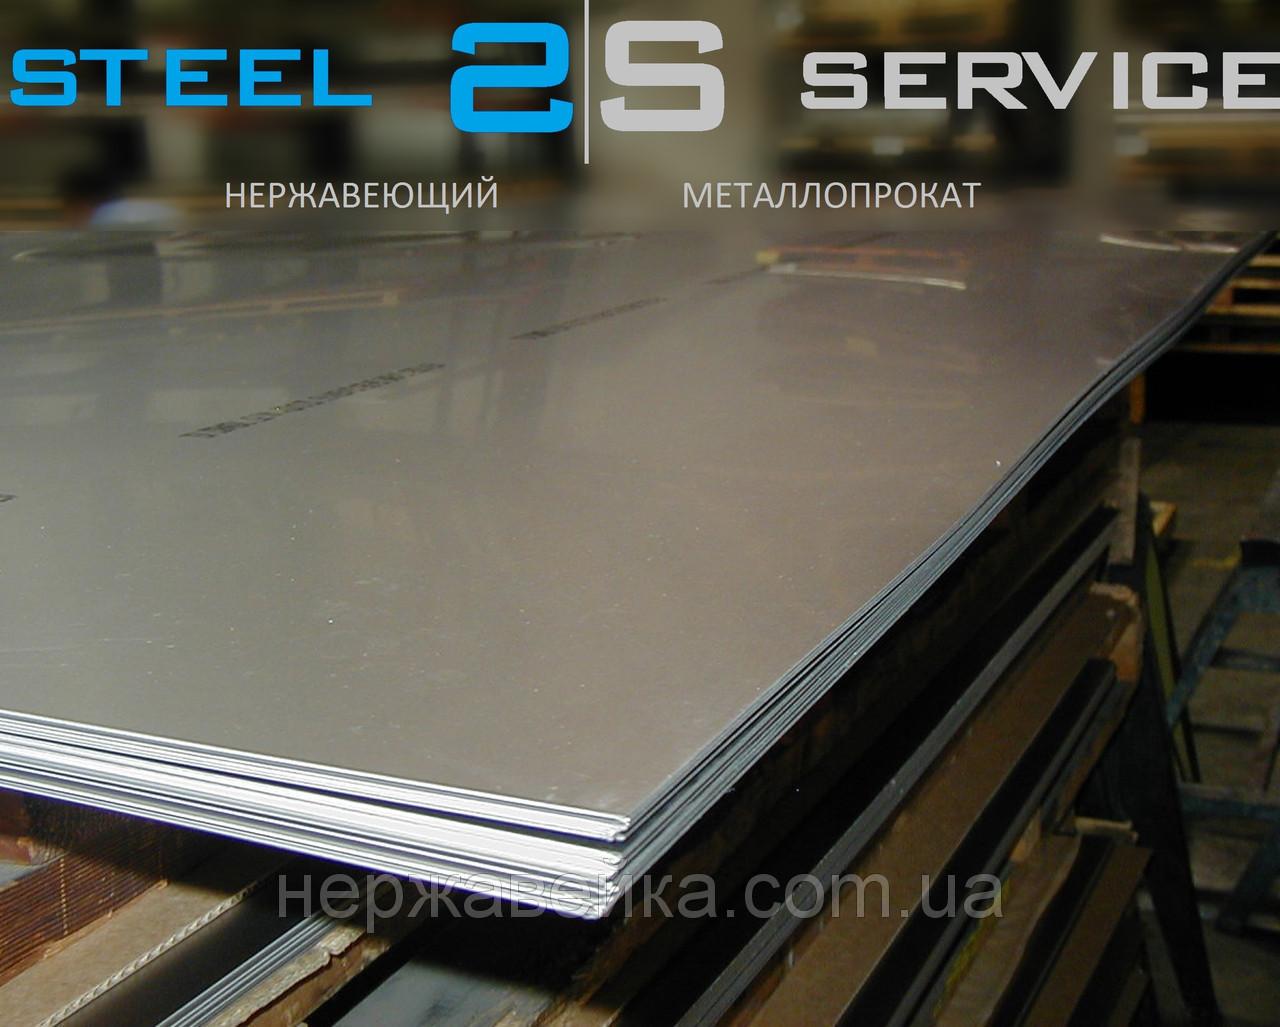 Нержавейка лист 16х1500х6000мм  AISI 304(08Х18Н10) F1 - горячекатанный,  пищевой